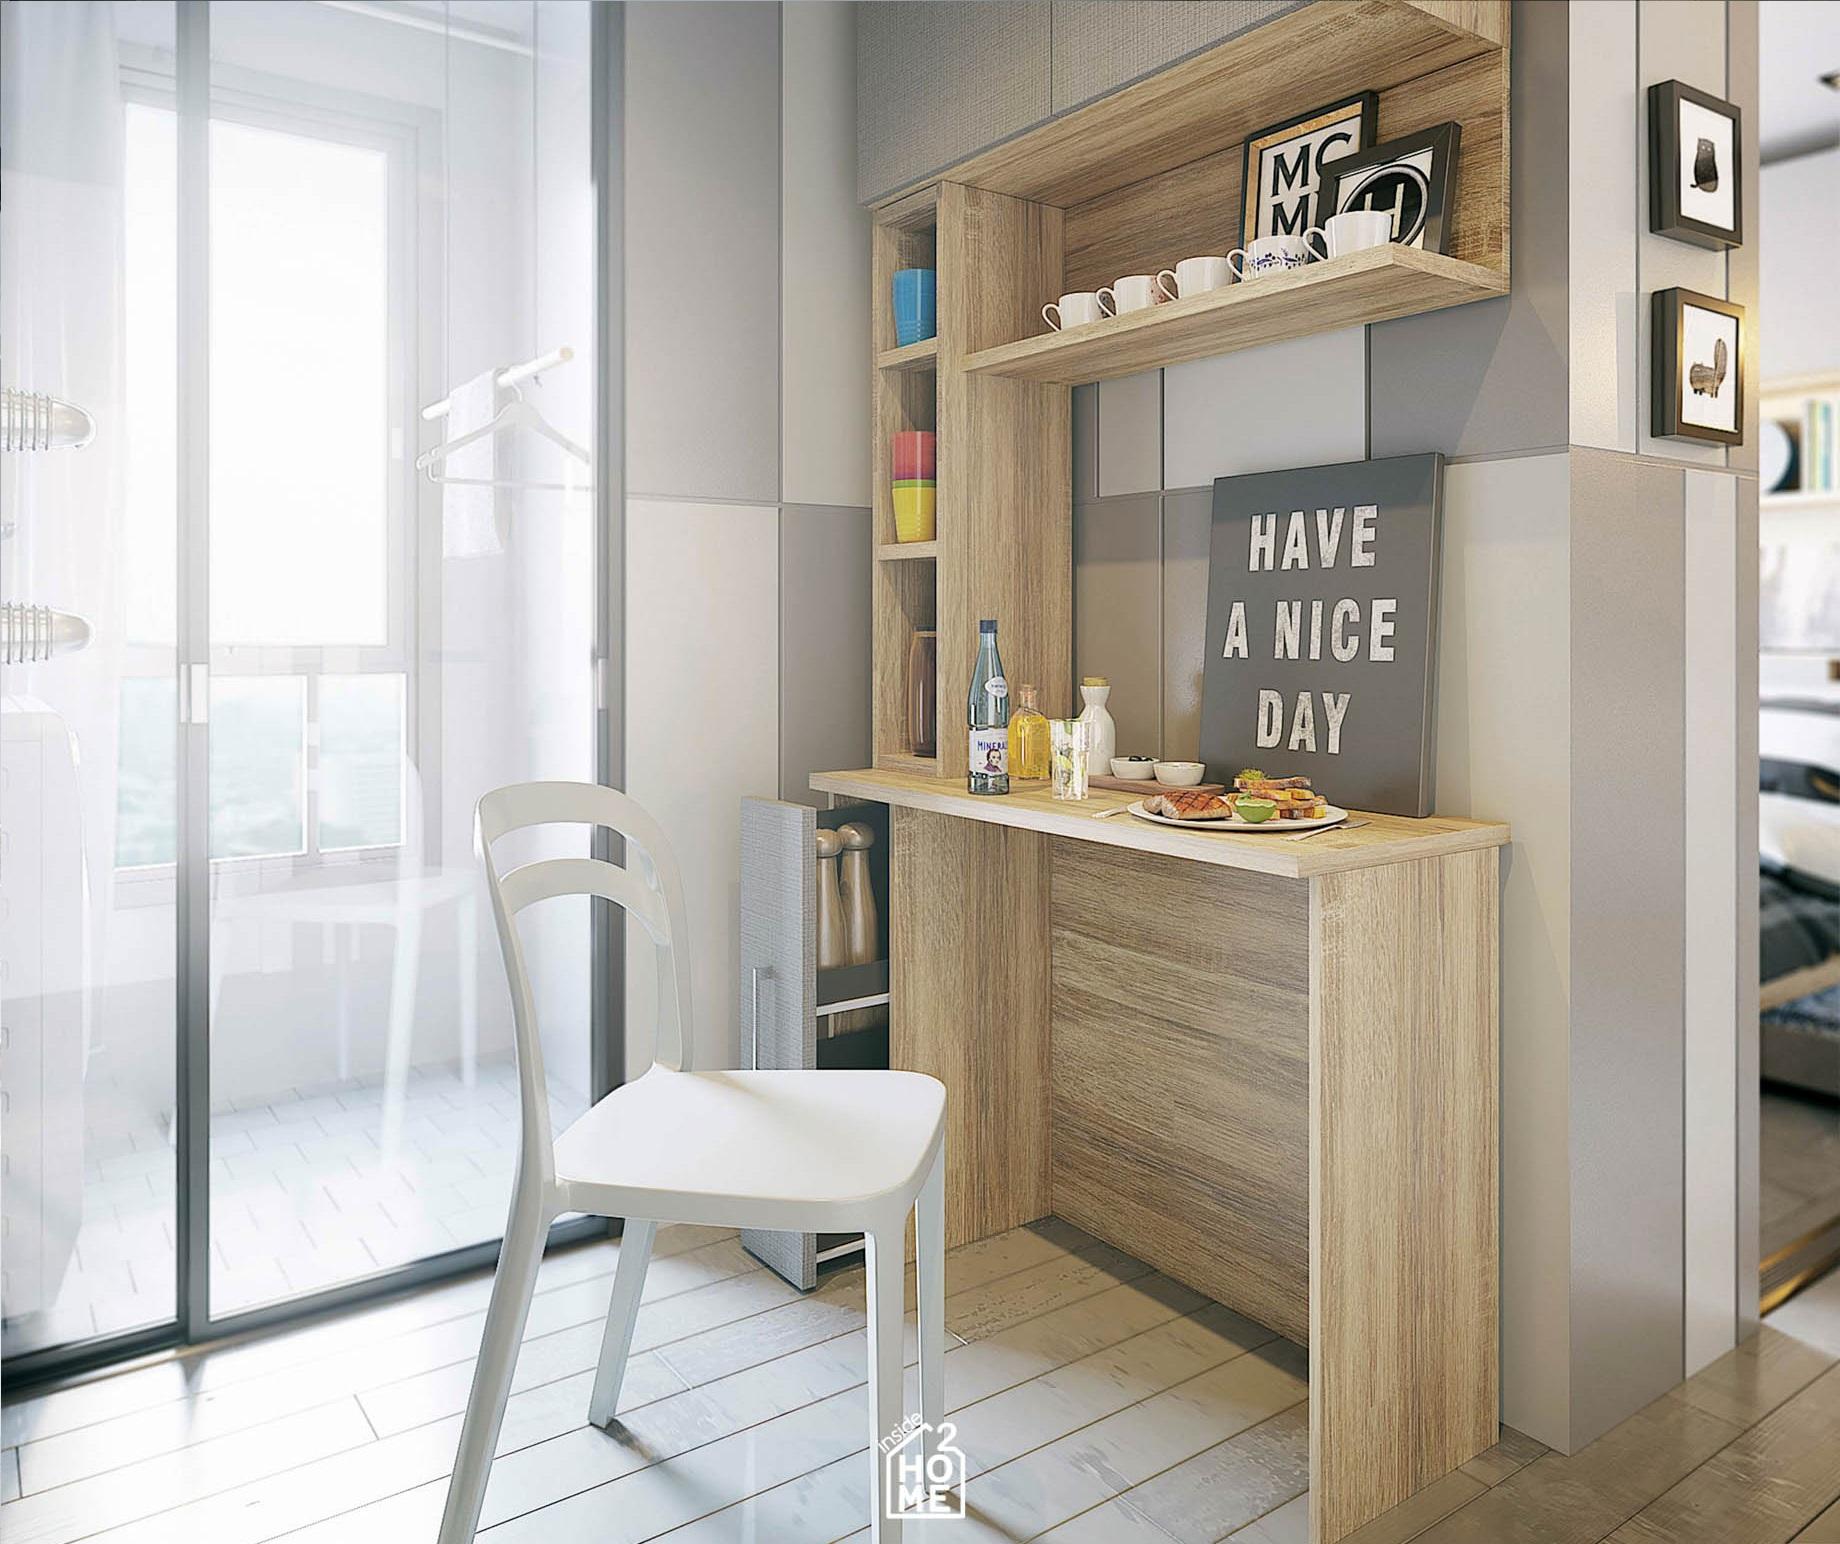 koncept furniture